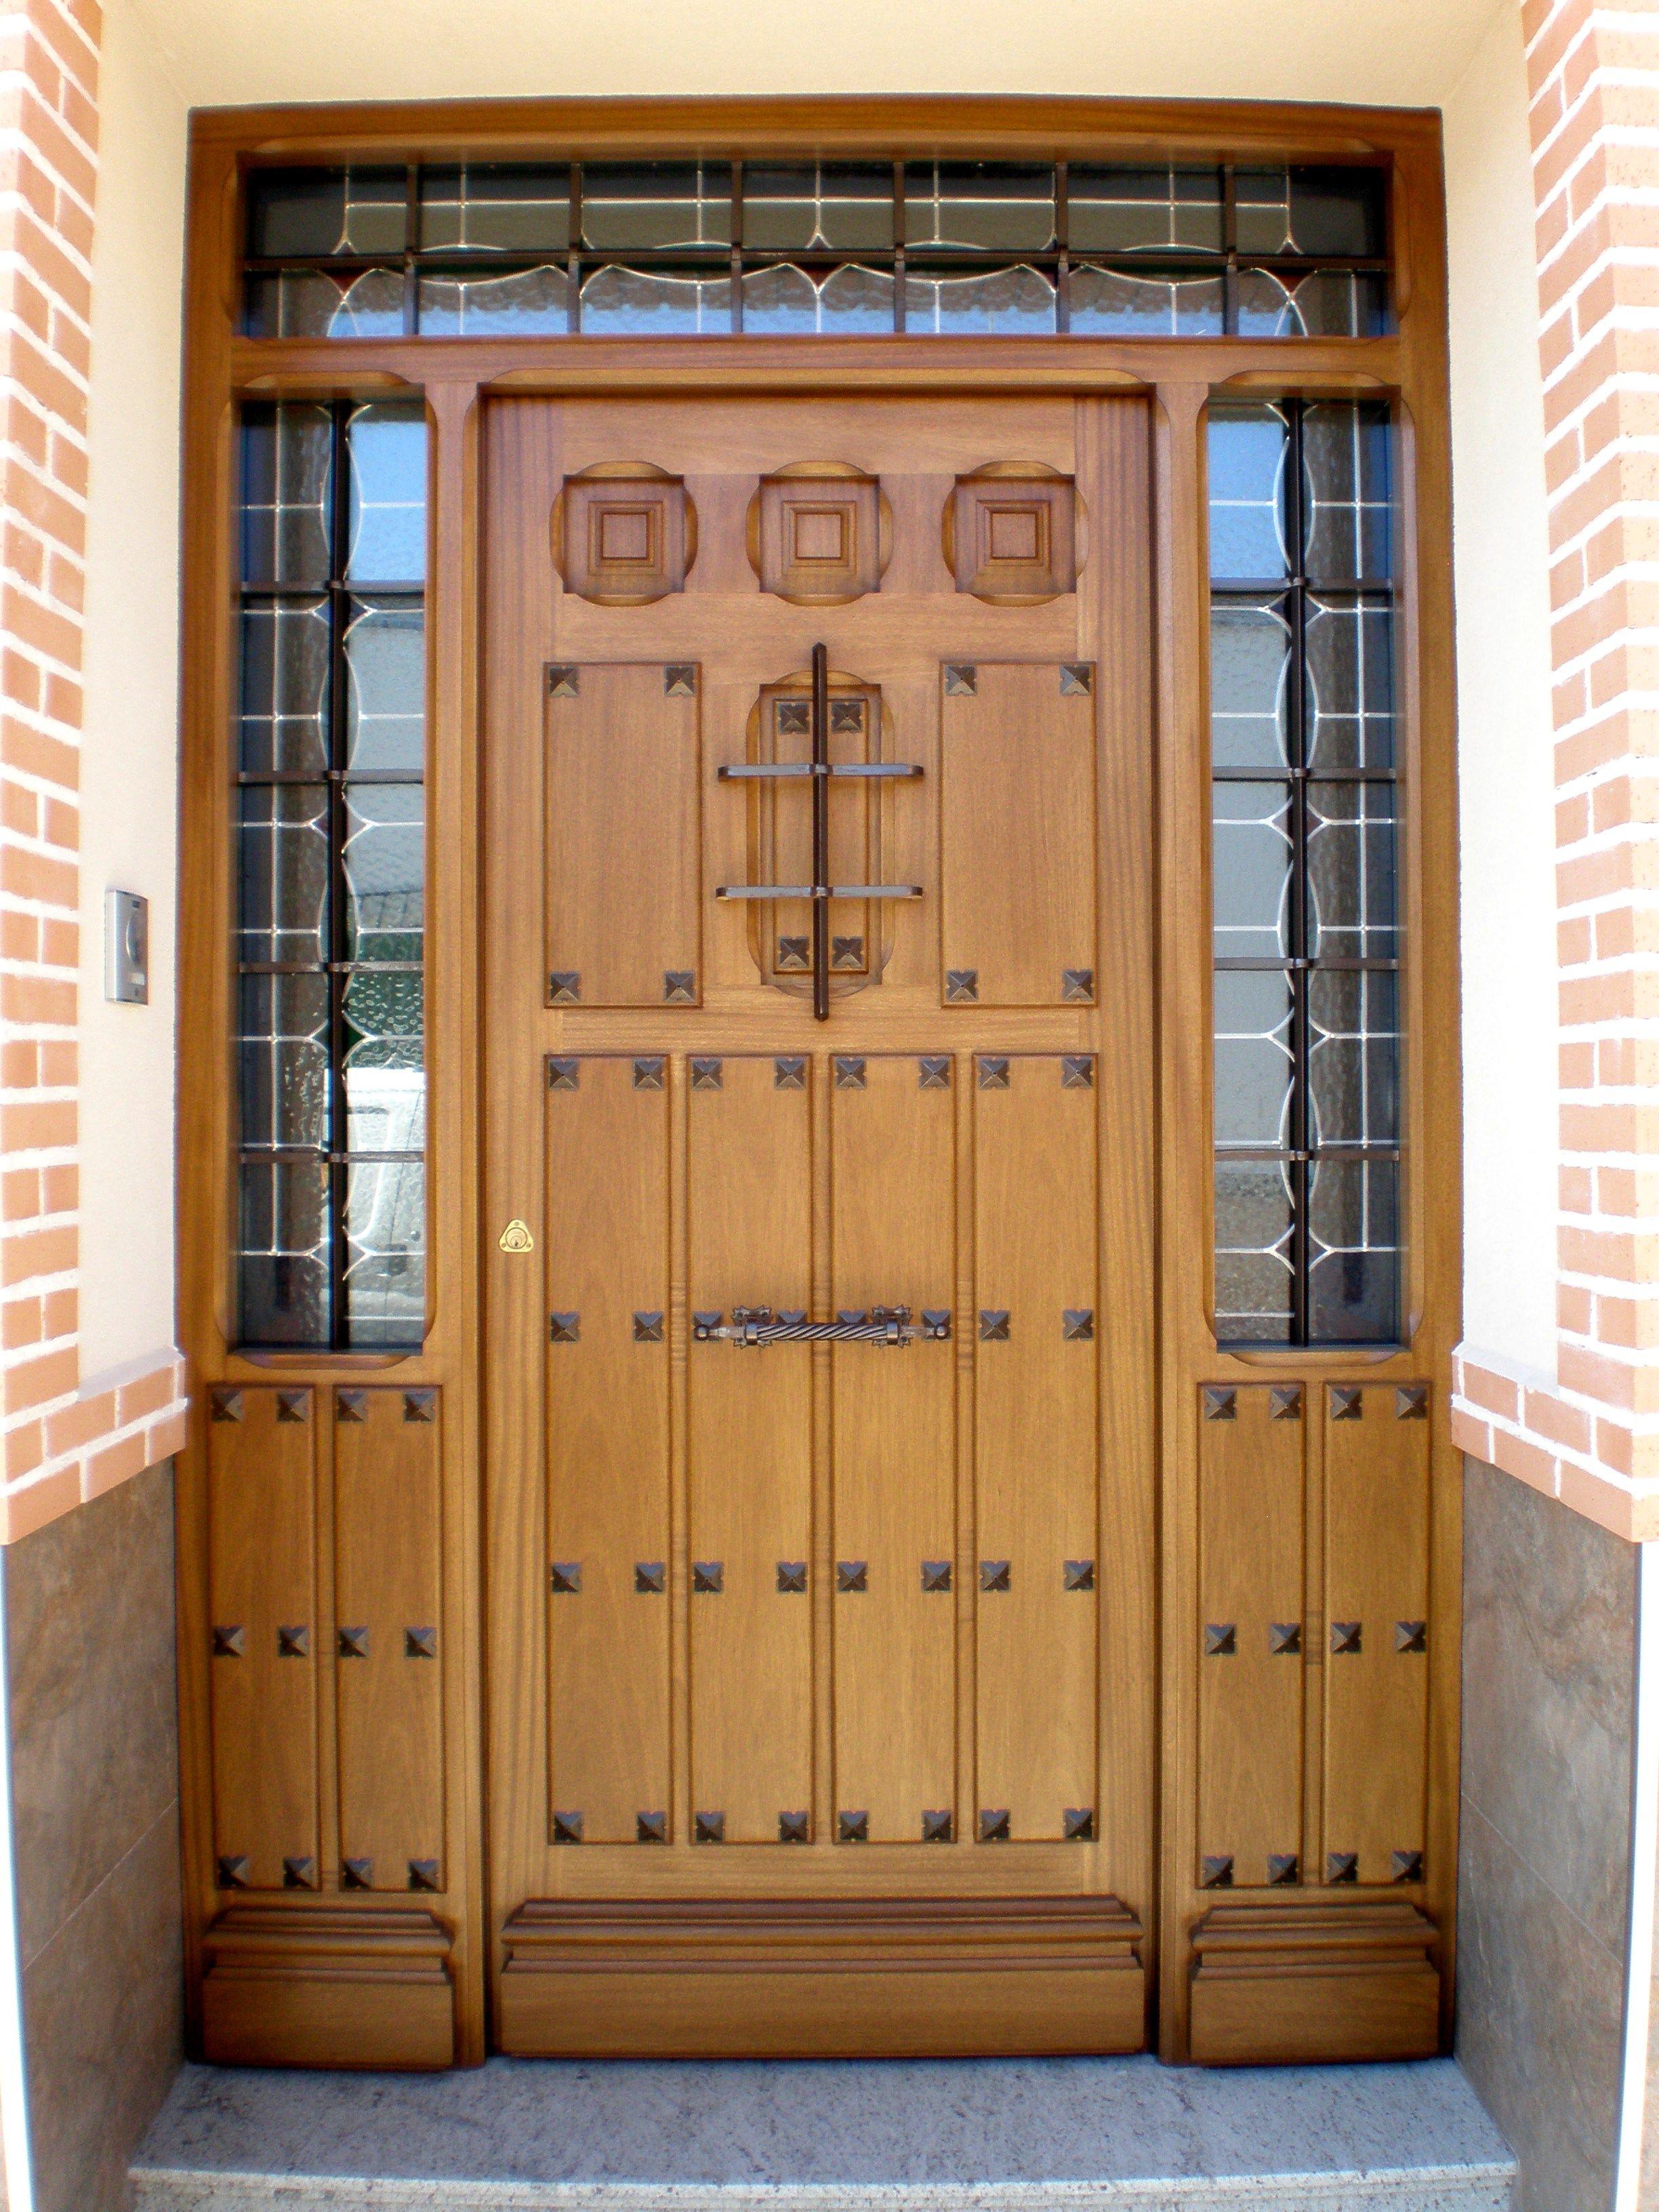 Diseno De Puerta Rustica Ideal Para Casa Rural Puertas Rusticas Puertas De Madera Rusticas Puertas De Madera